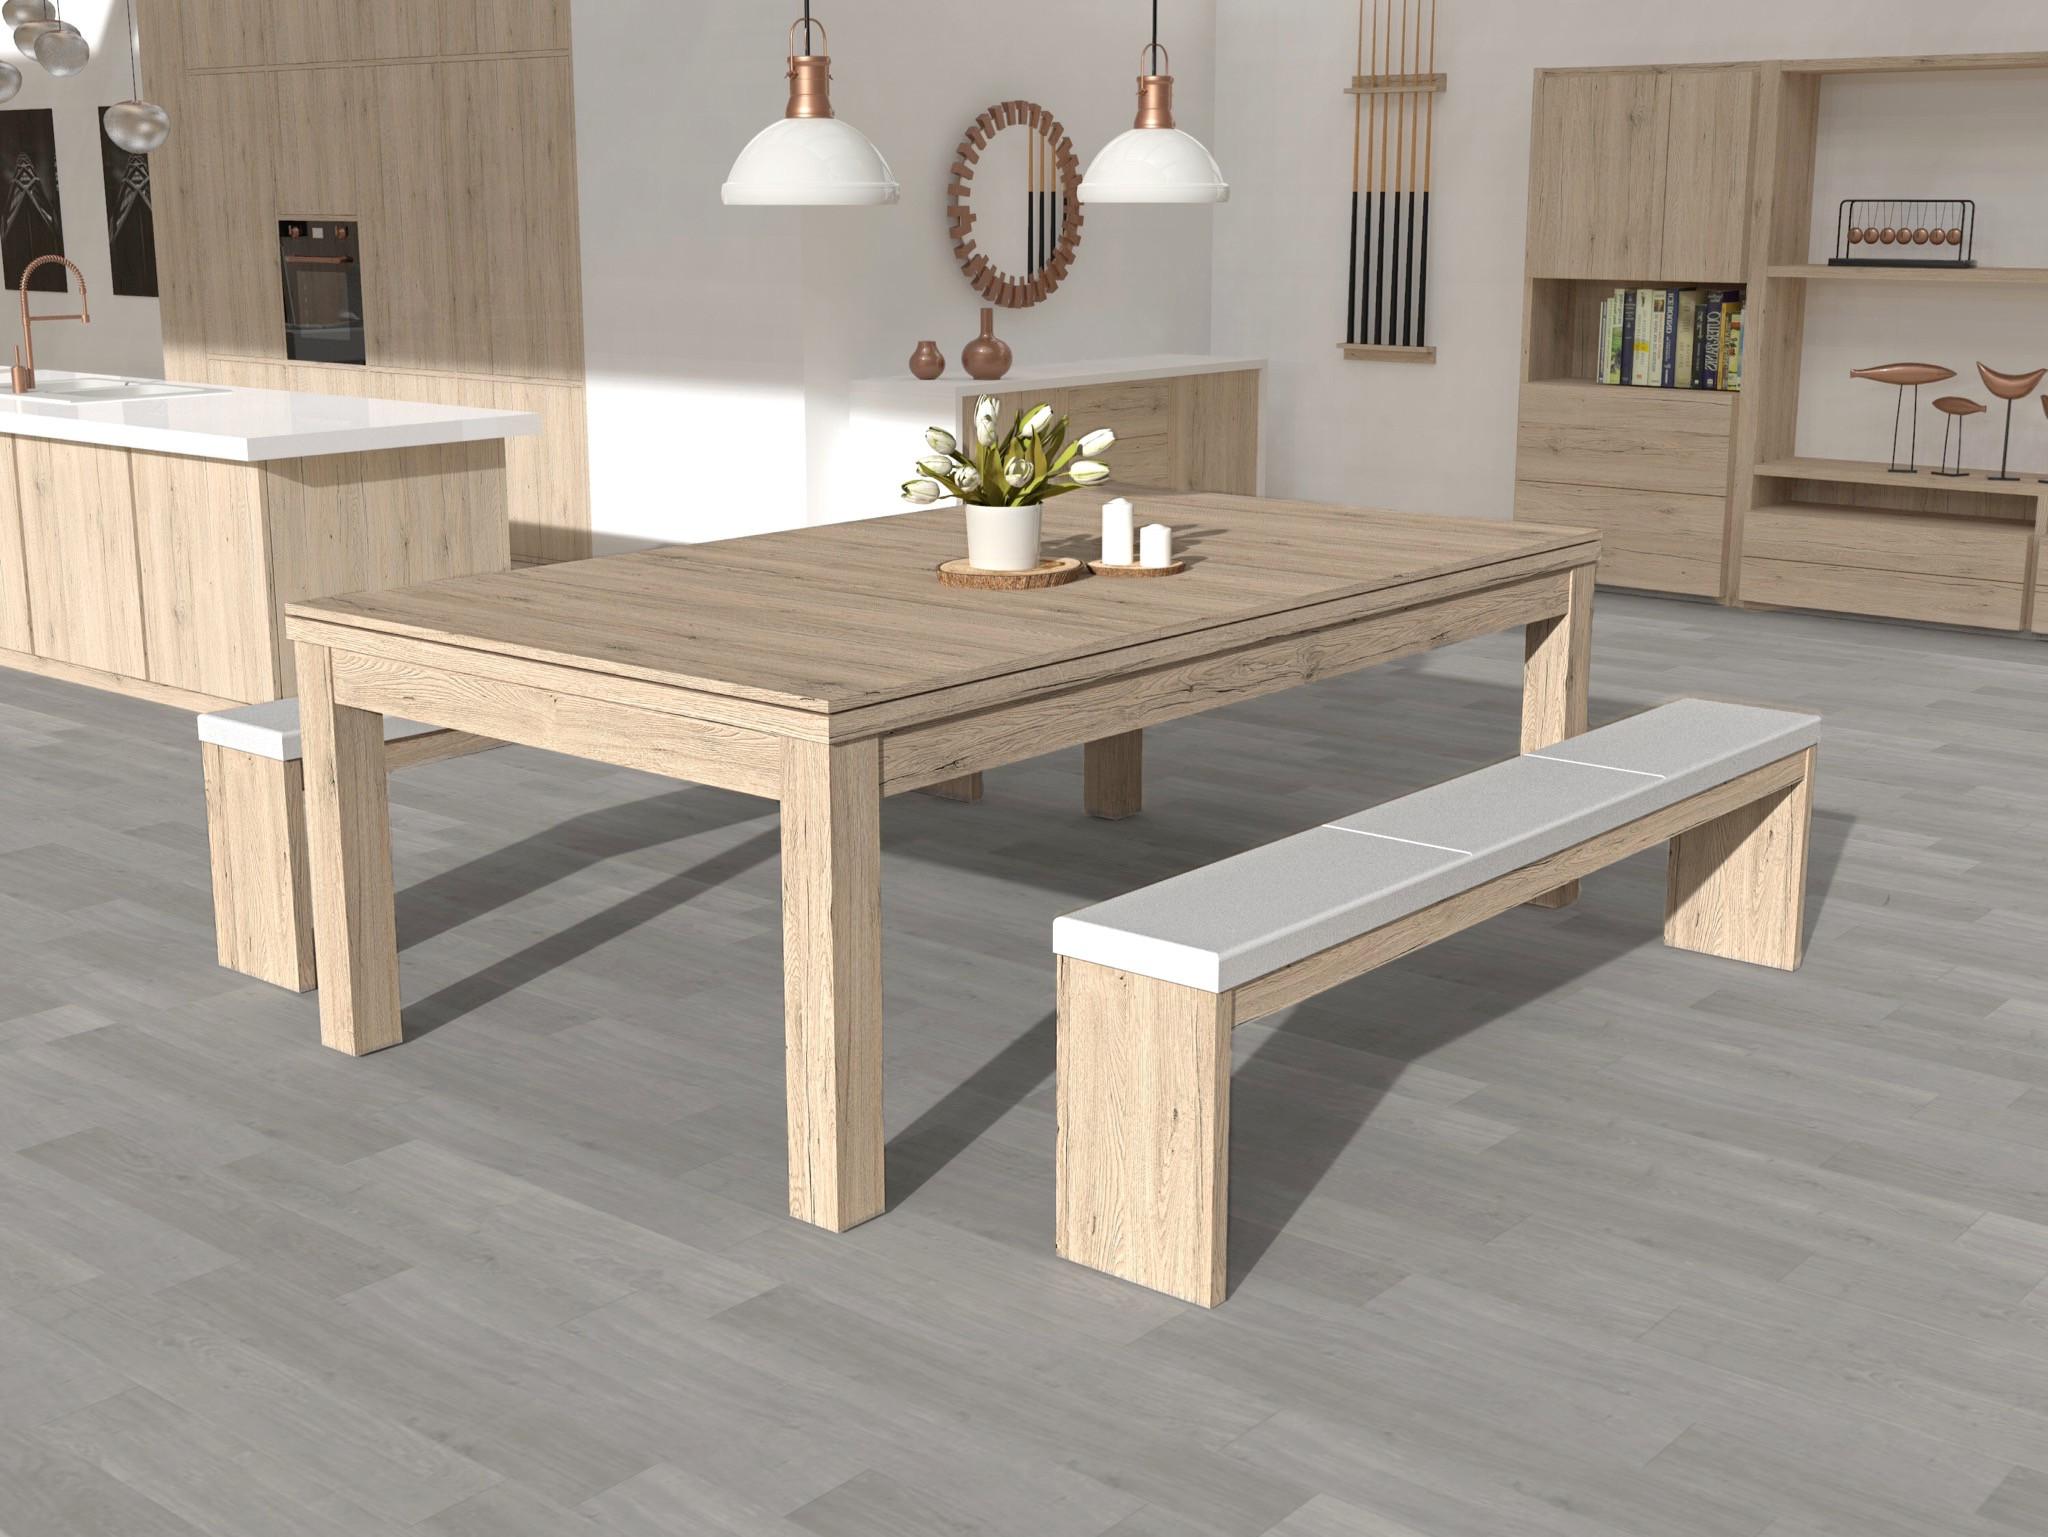 Billard TRENDY finition chêne éclairci veiné,  avec plateau table ST et  bancs NOVEA assise simili blanc